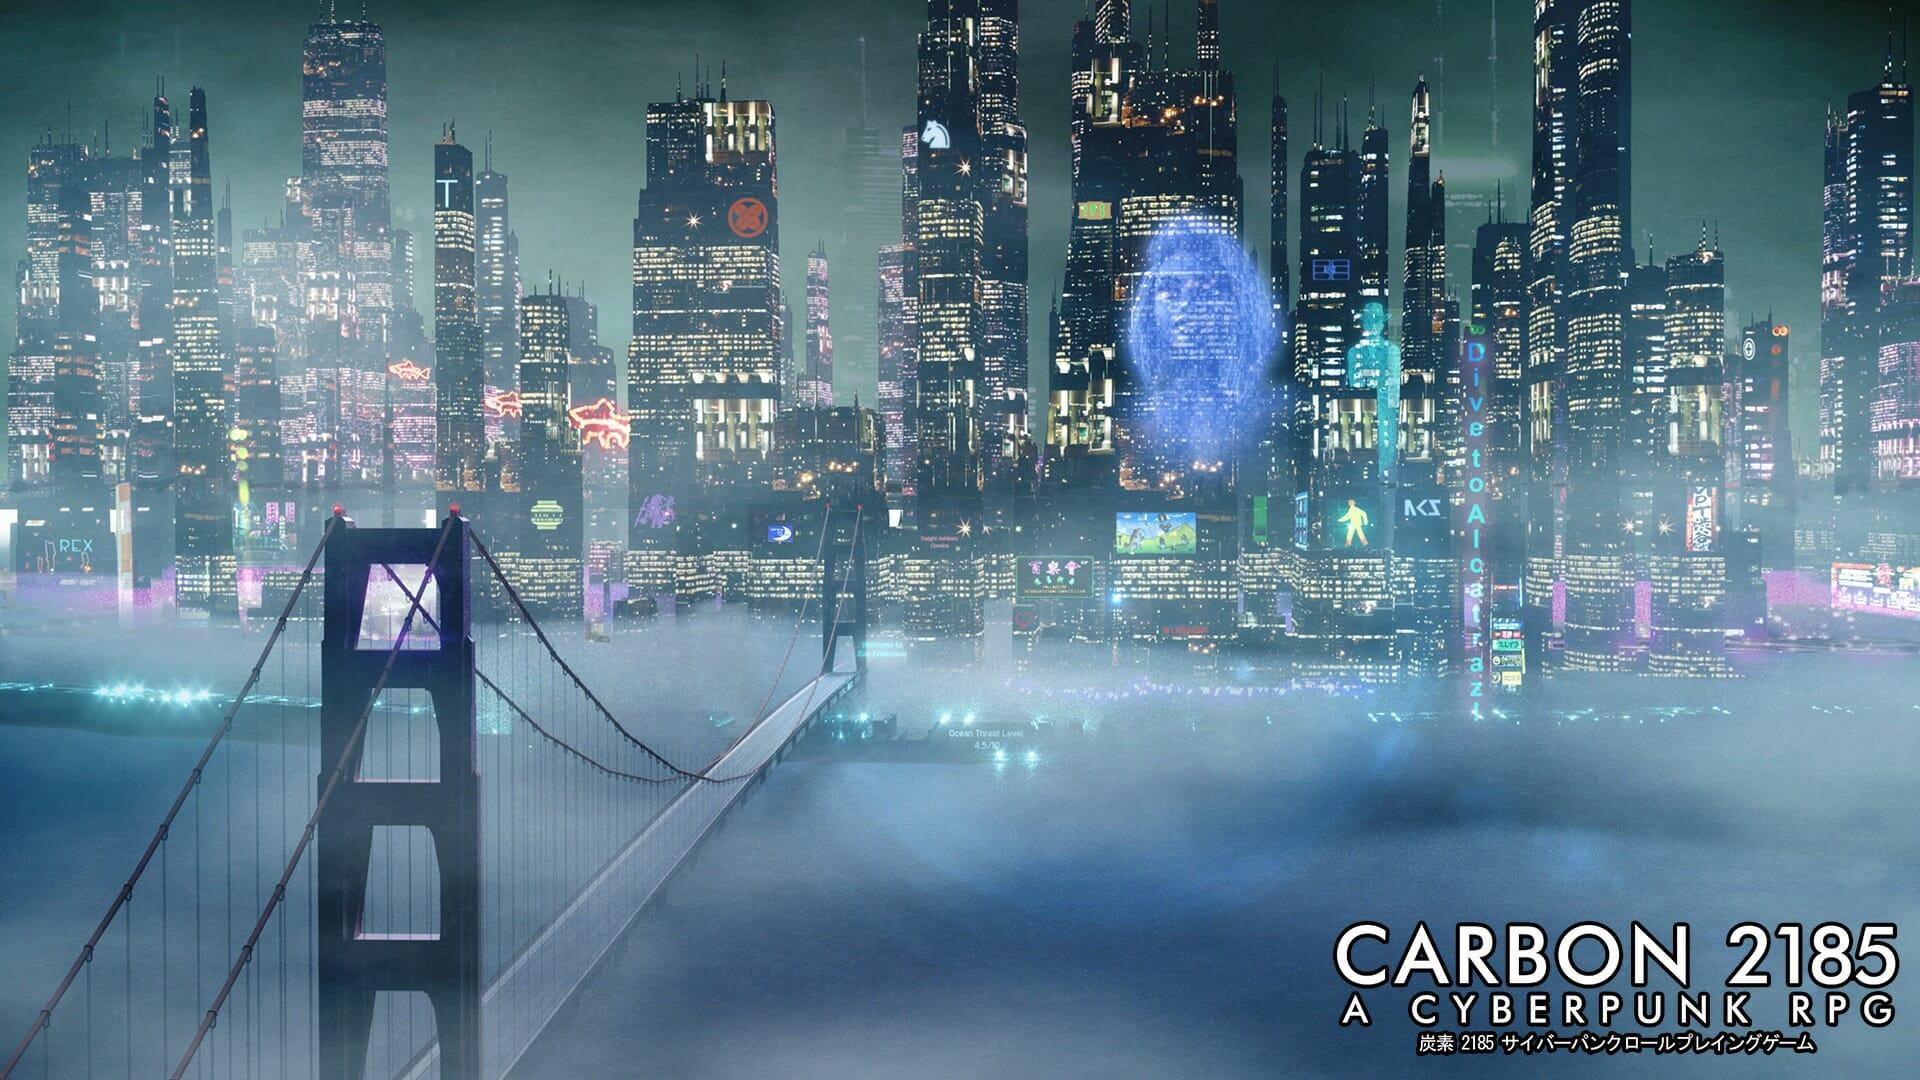 Carbon 2185